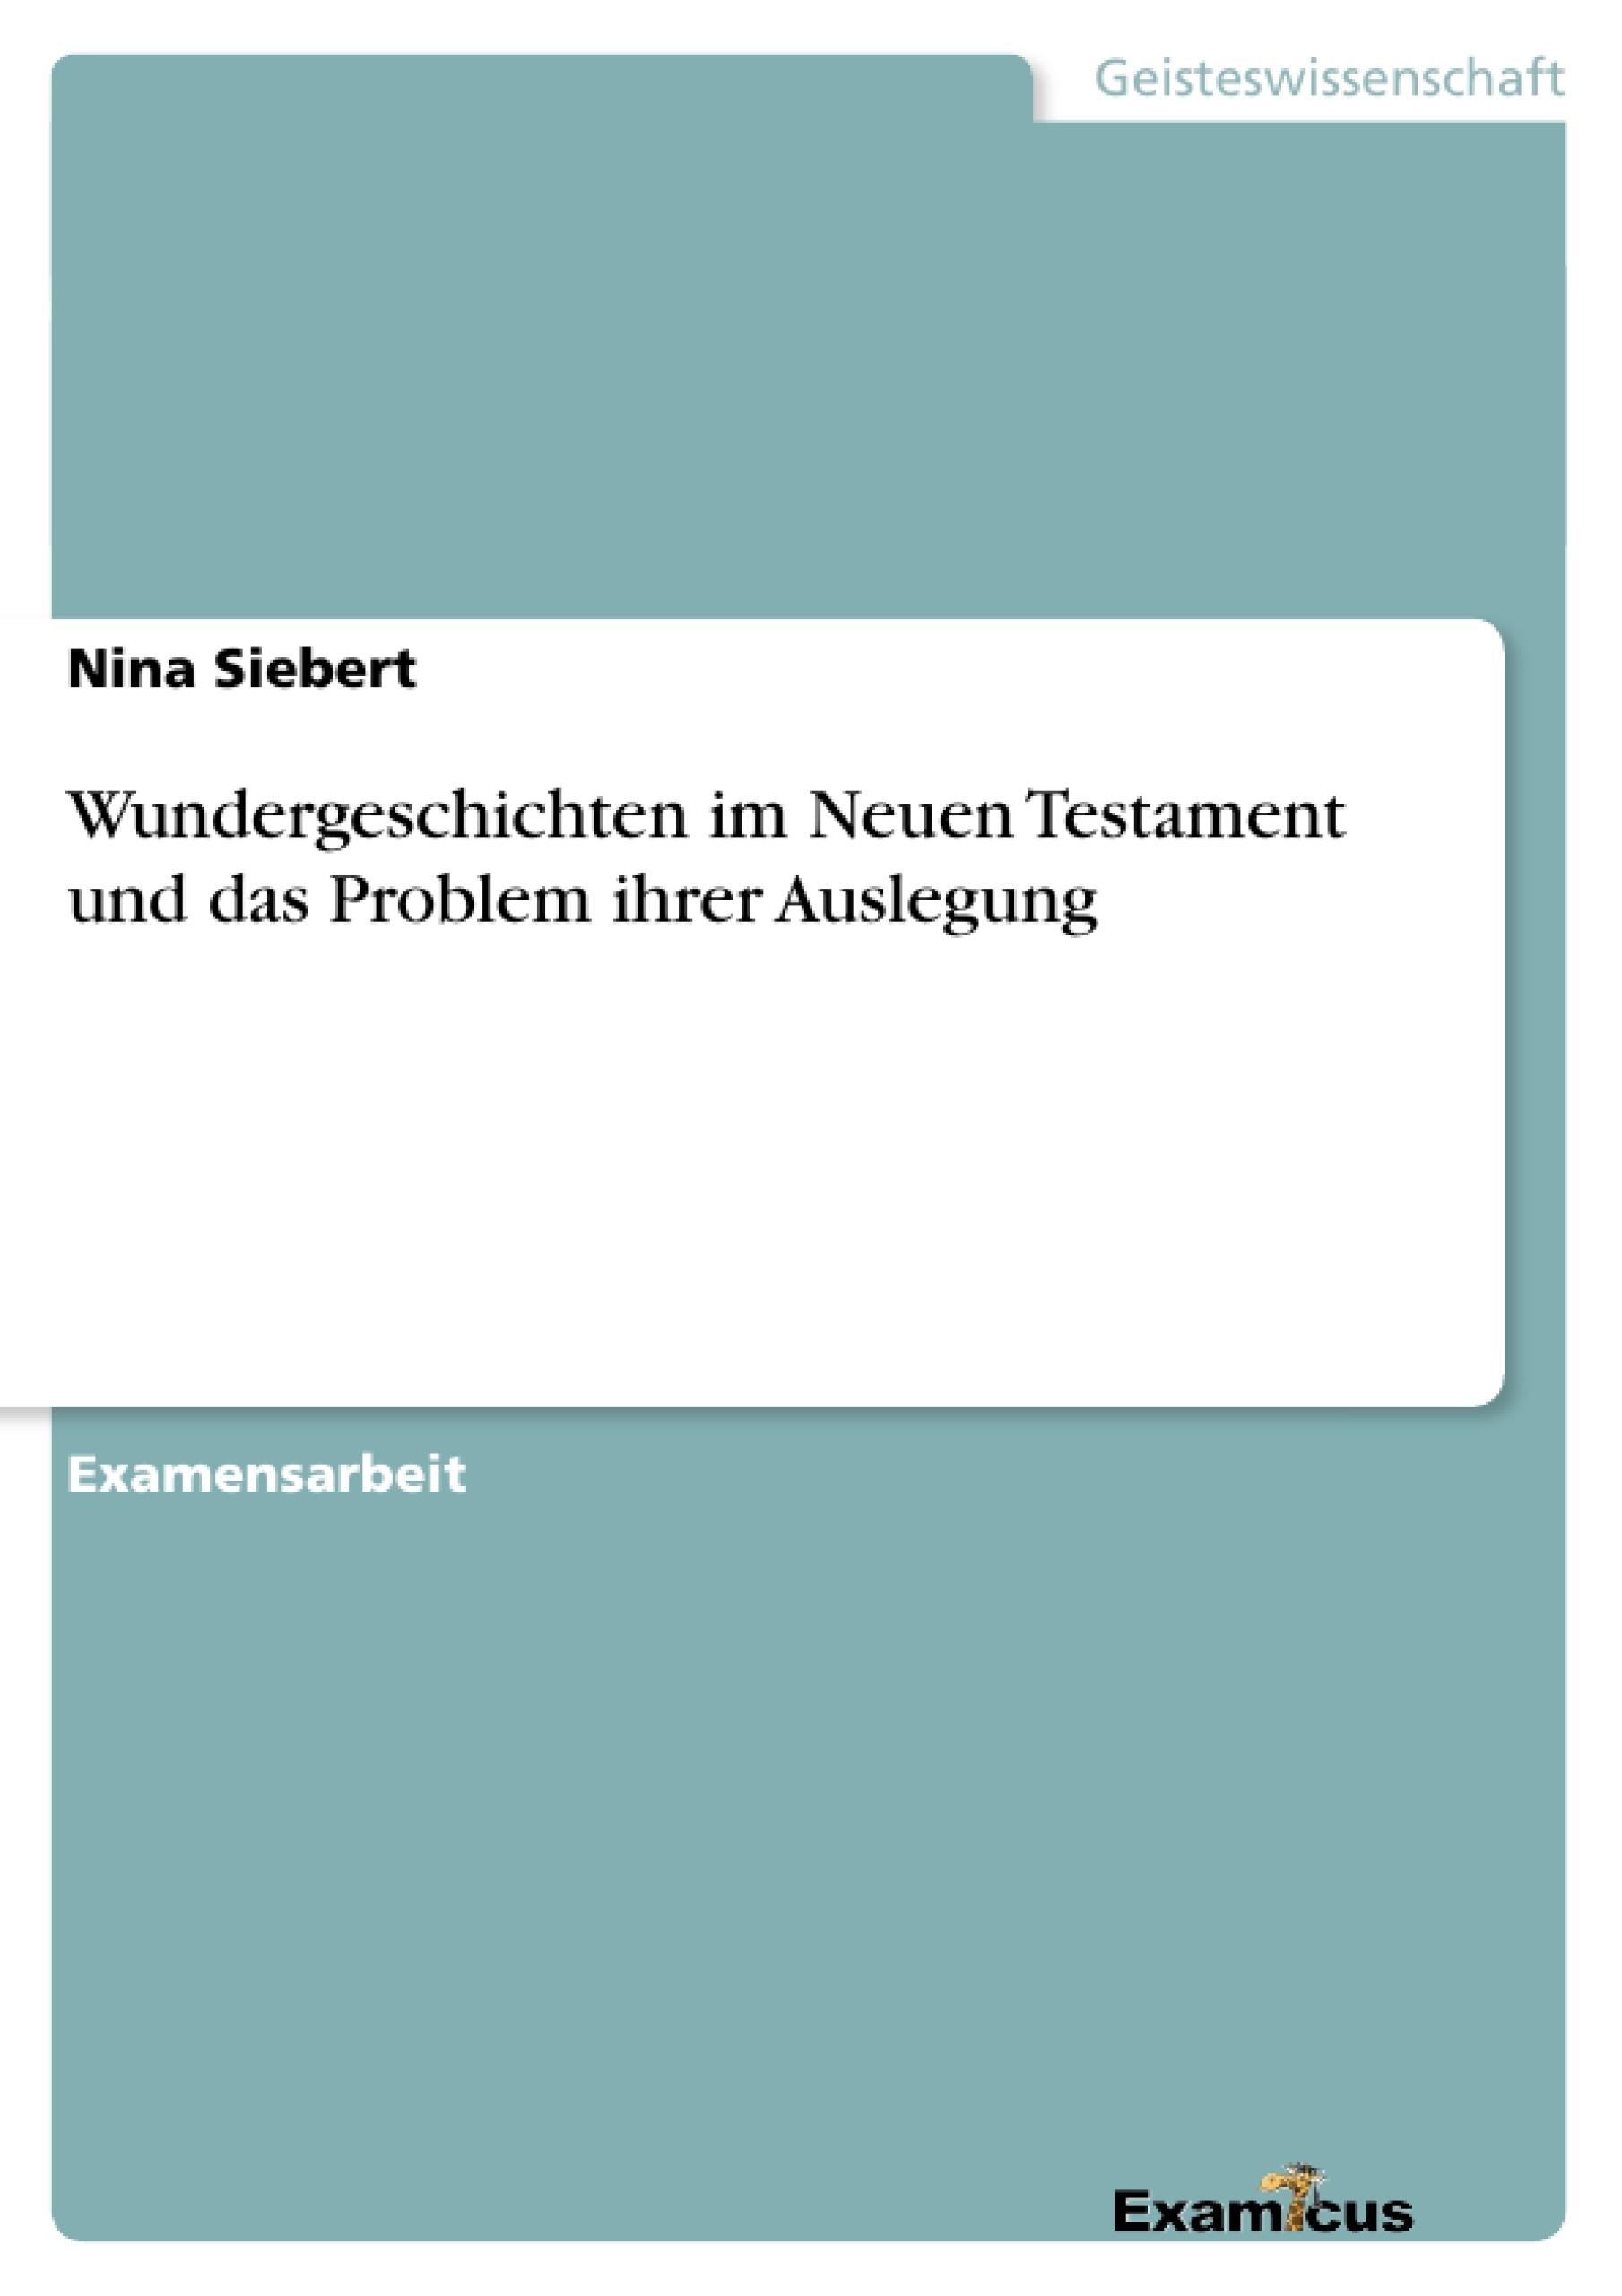 Titel: Wundergeschichten im Neuen Testament und das Problem ihrer Auslegung